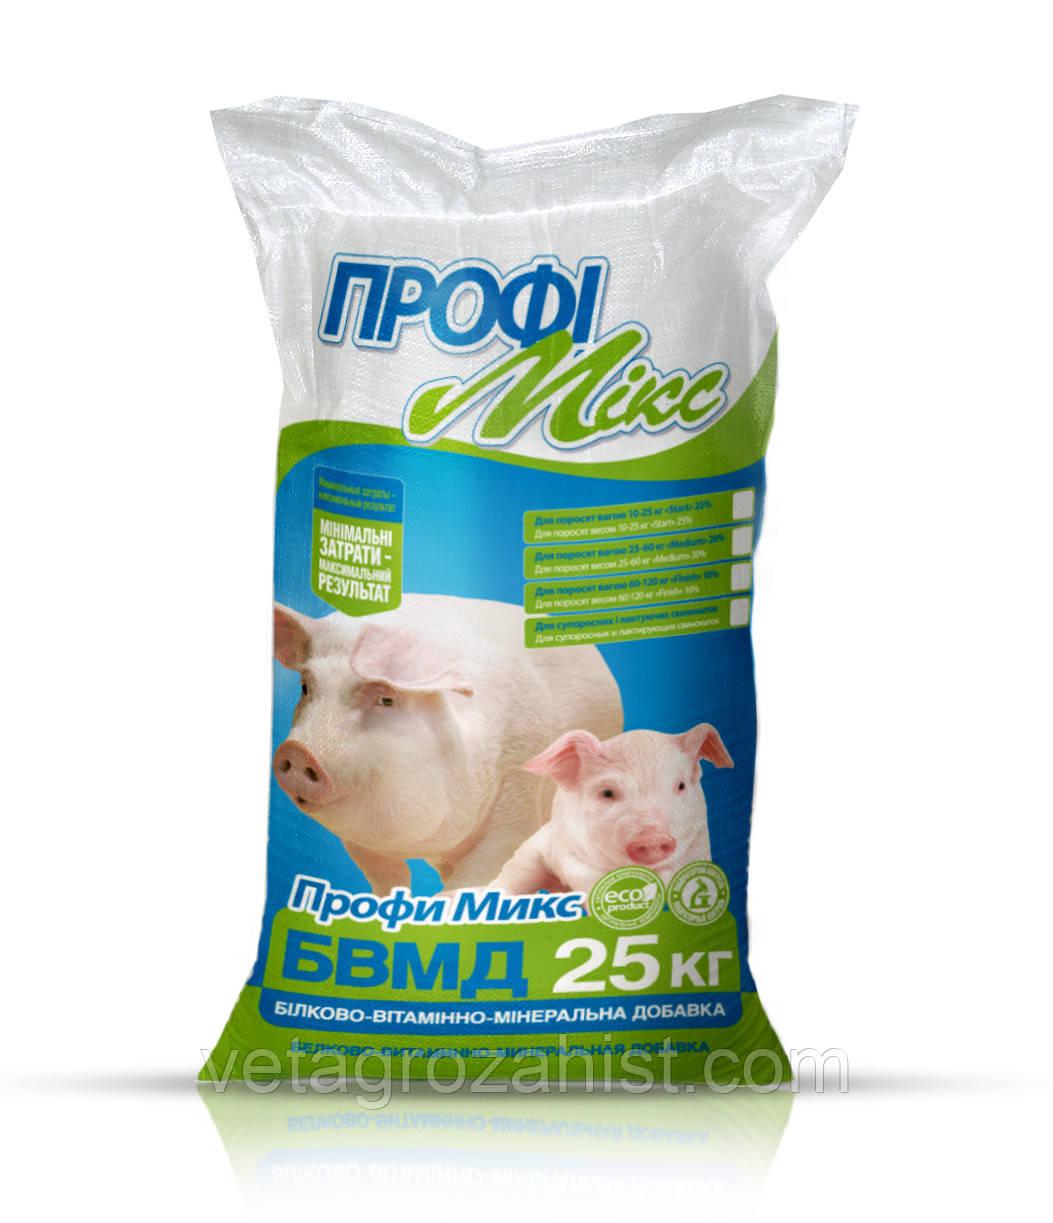 БВМД Профимикс 25% для поросят 10-25 кг, 25 кг кормовая добавка